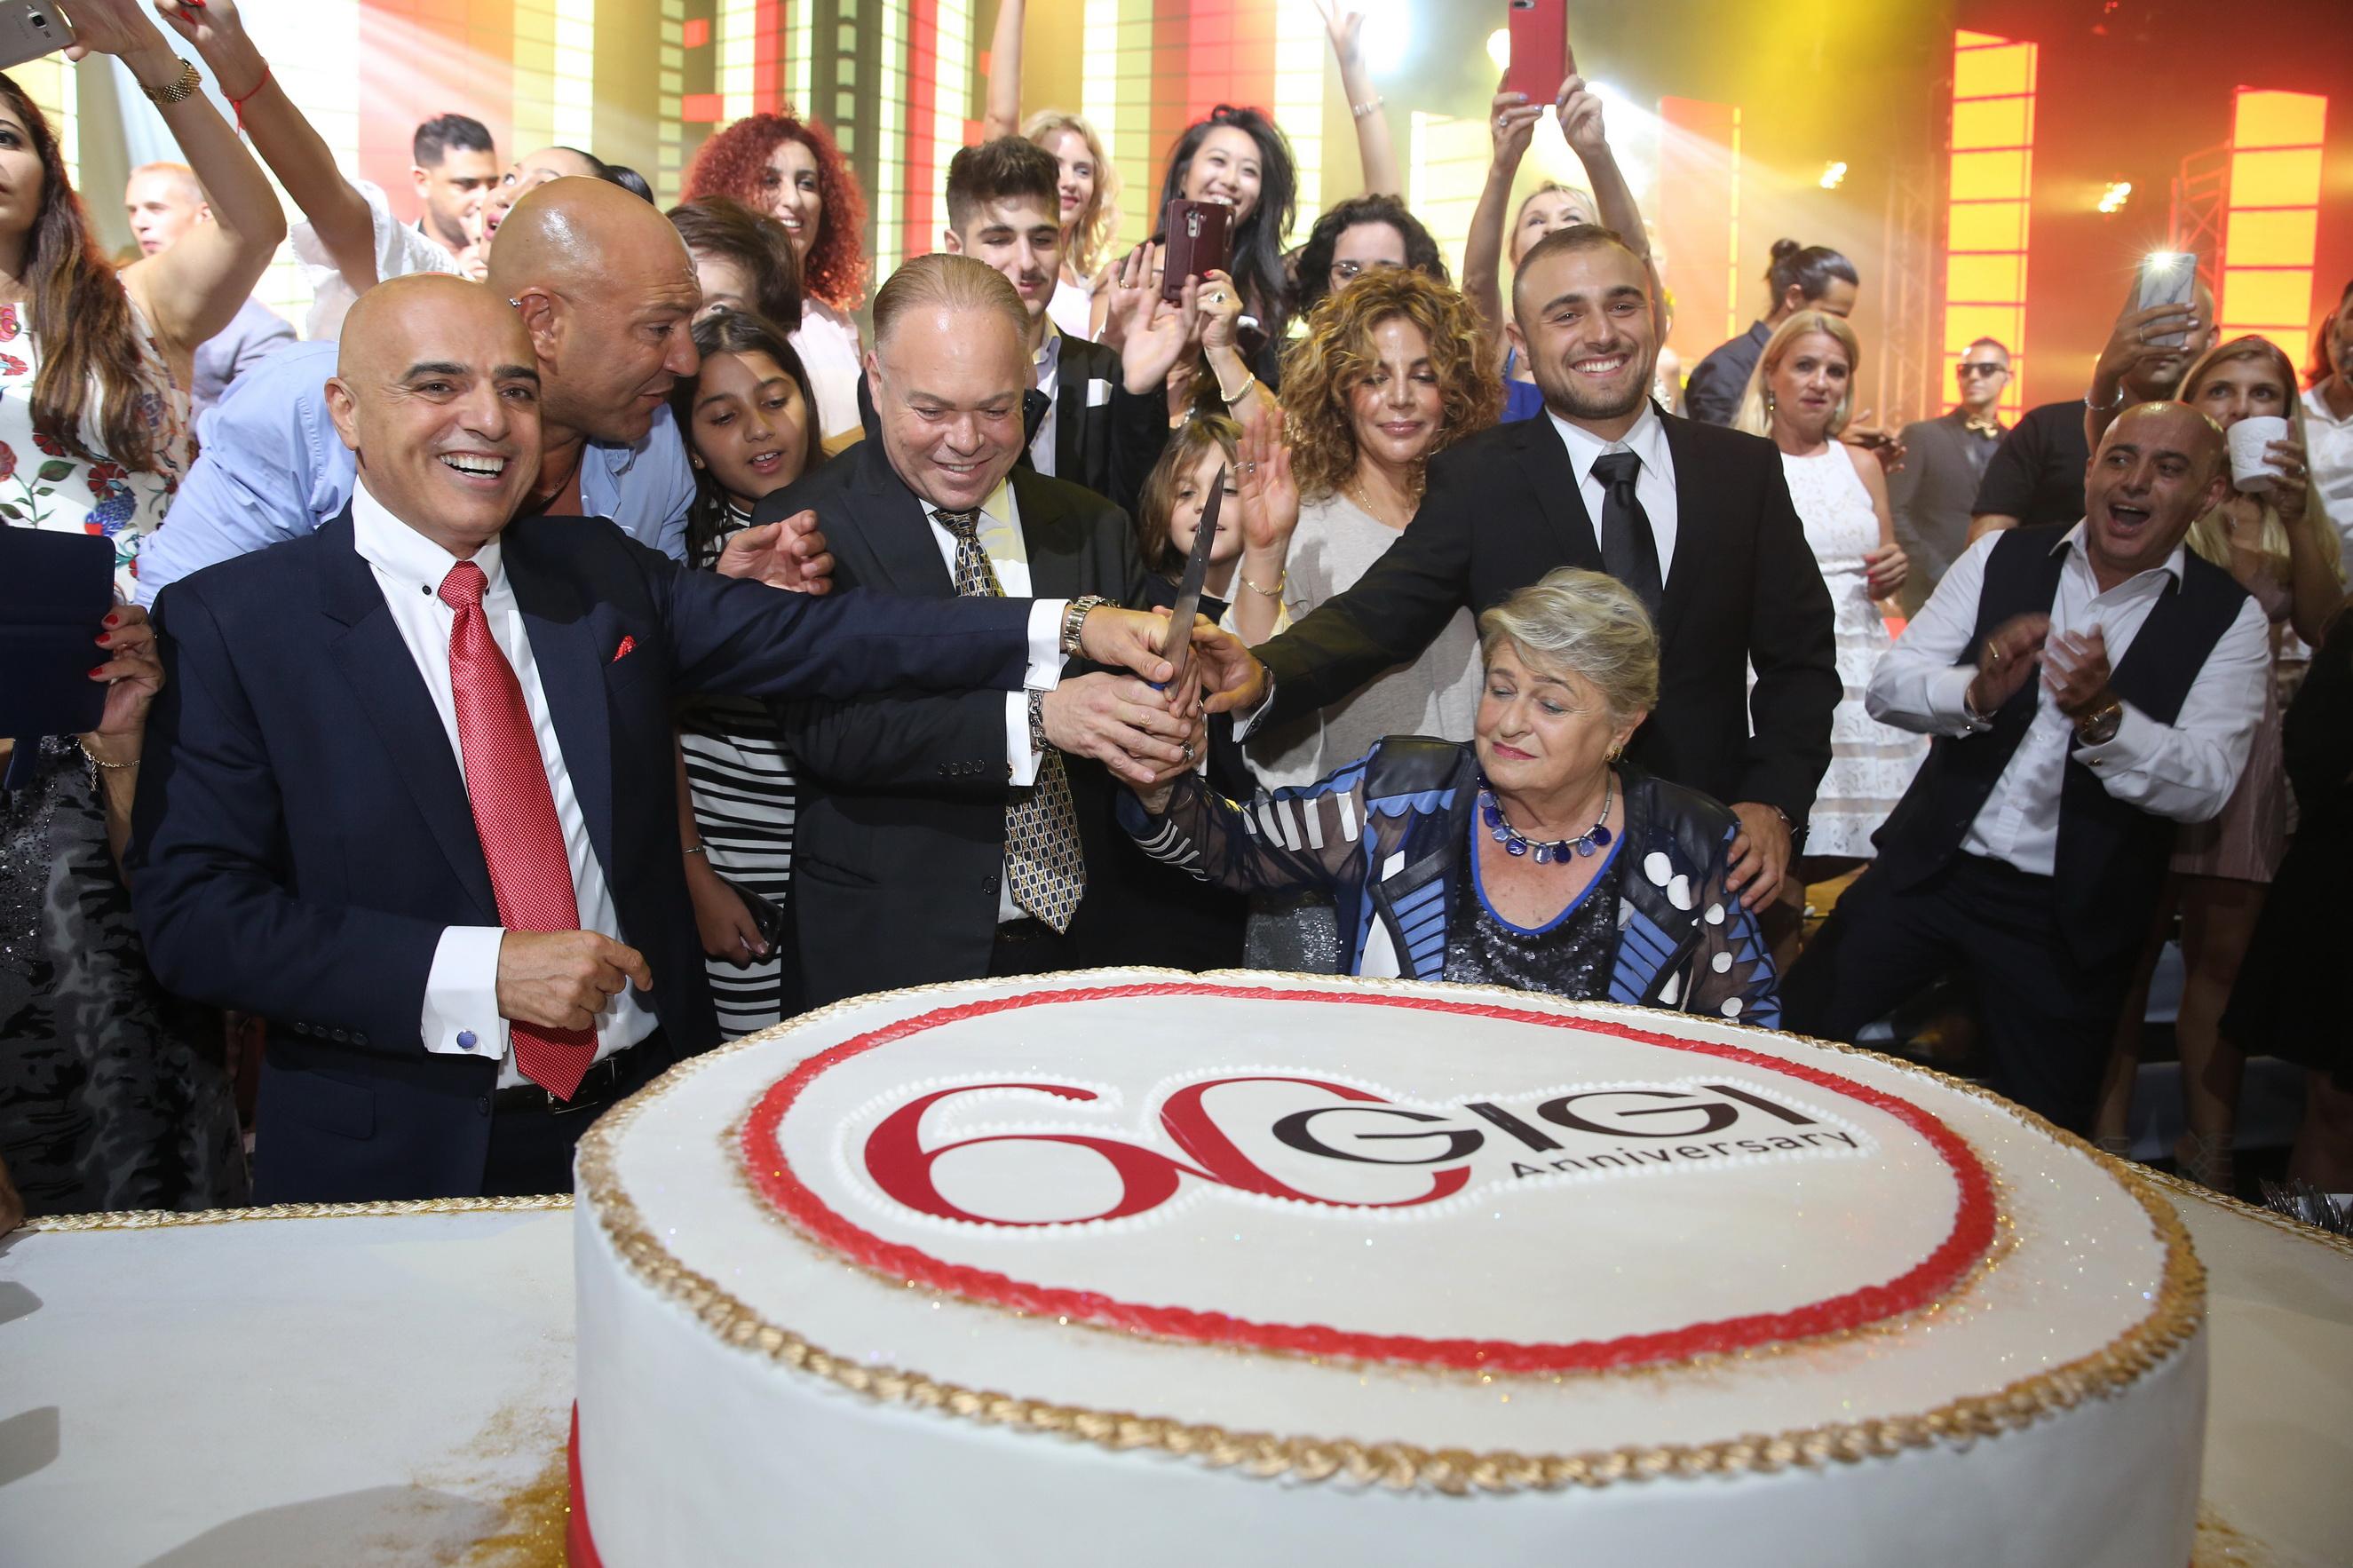 Свое 60-летие компания Gigi отметила шикарным празднеством и инновационной разработкой